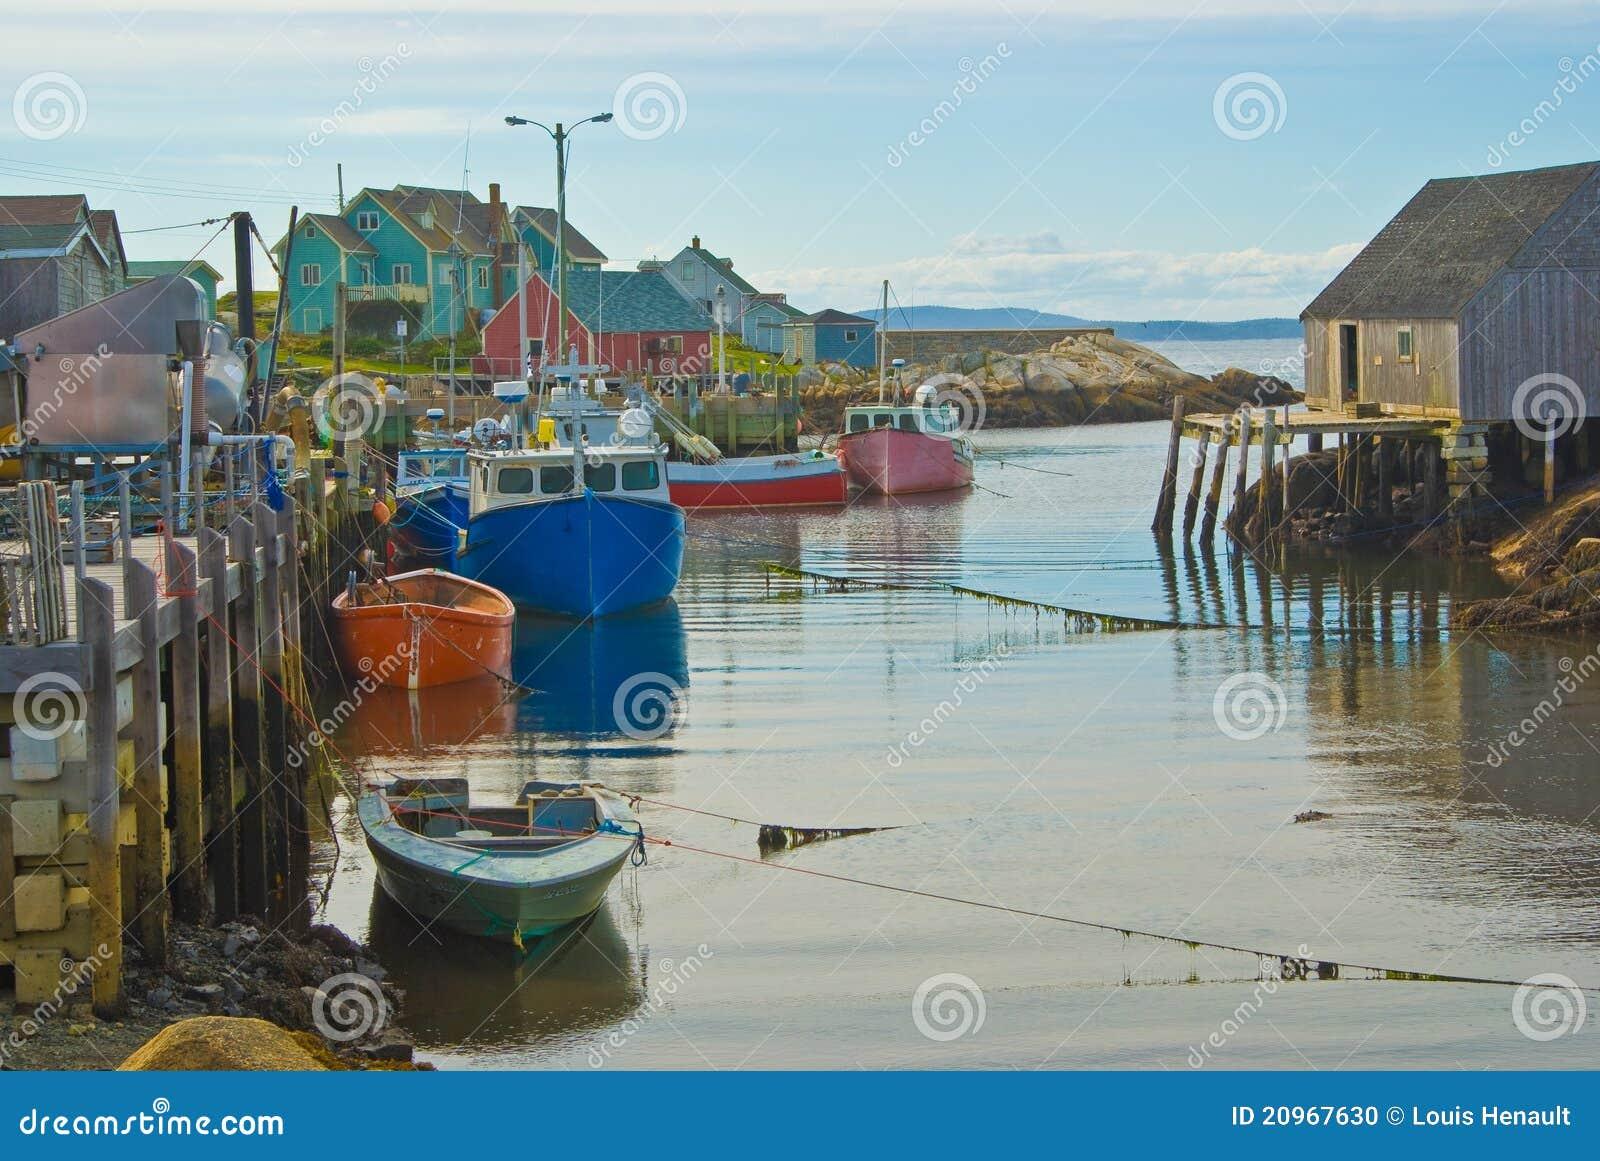 Village de pêche de la crique de Peggy